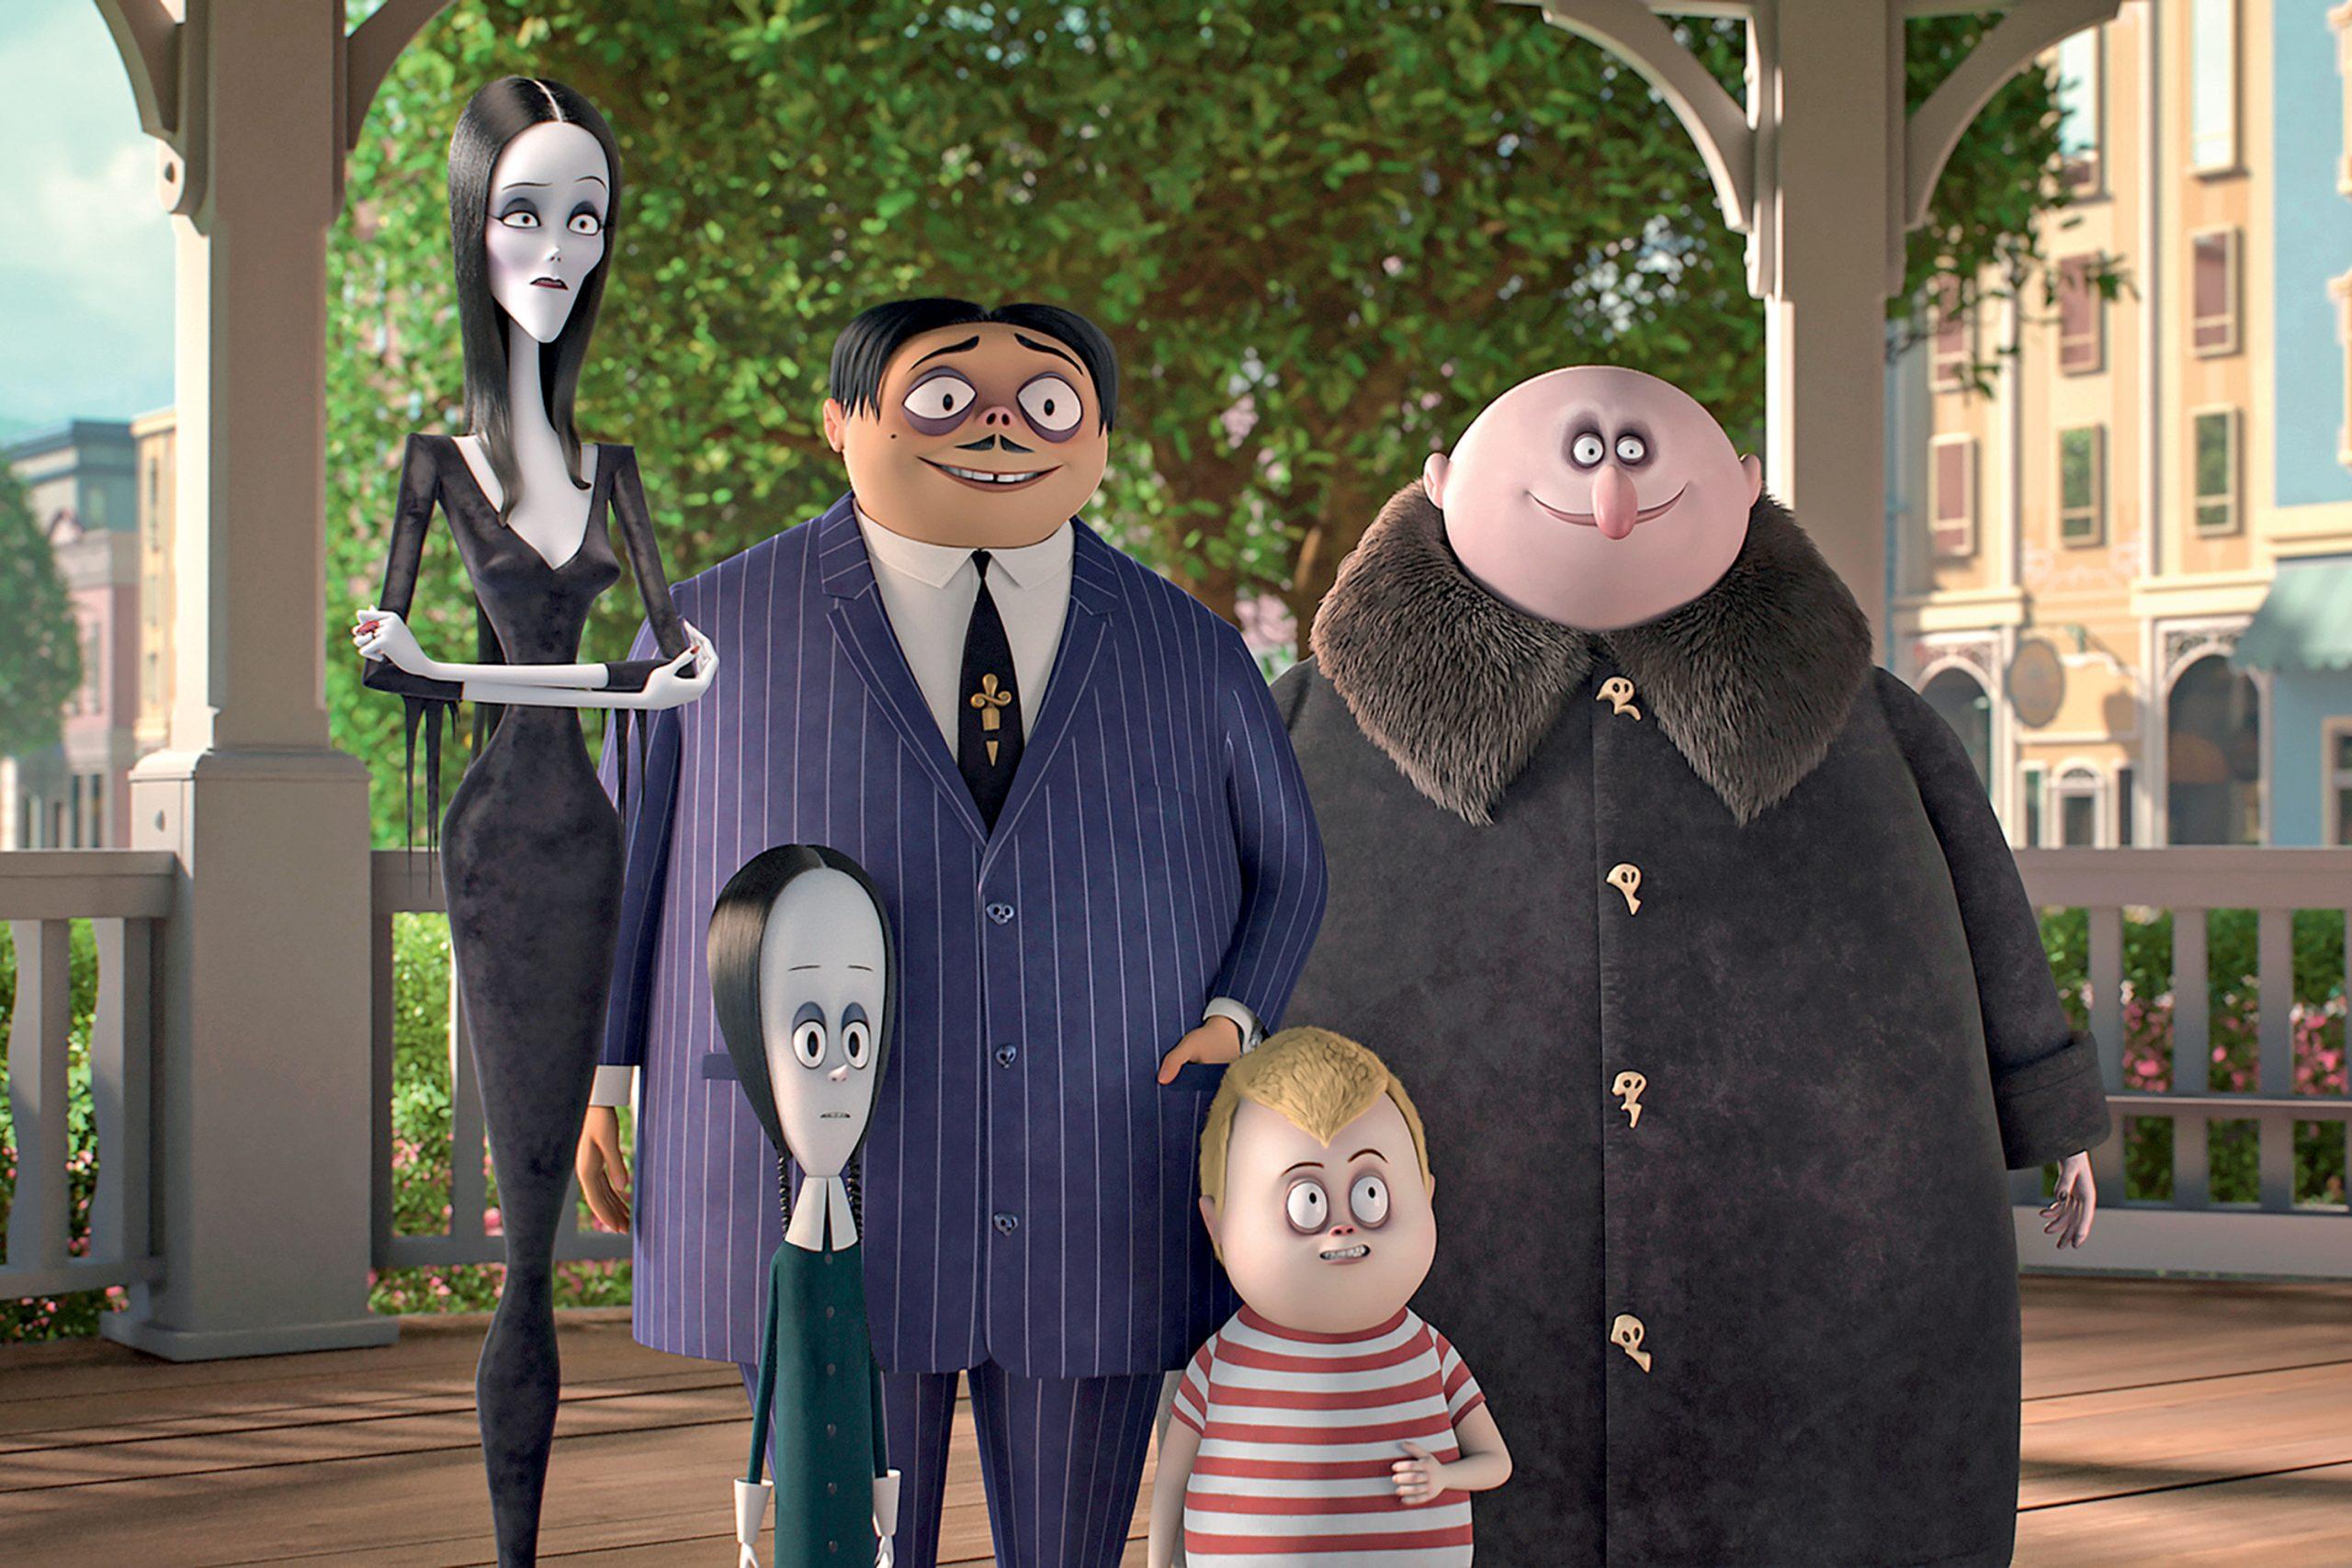 A Família Addams': tão horríveis, tão fofos | VEJA